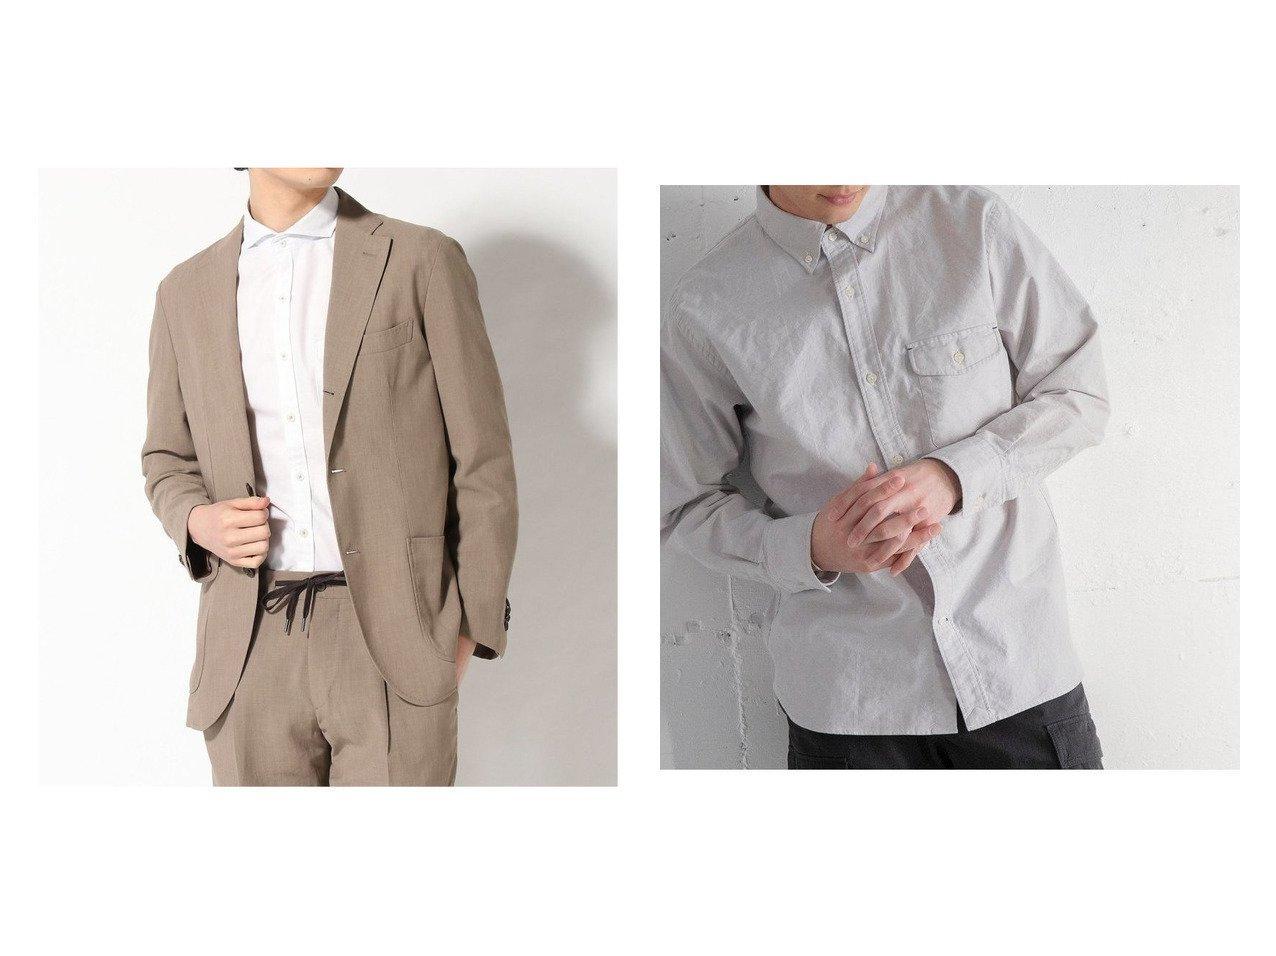 【COEN / MEN/コーエン メン】のテキサスコットンオックスフォードボタンダウンシャツ&【GLOBAL WORK / MEN/グローバルワーク】のSGW-J301 H-リネン 【MEN】おすすめ!人気トレンド・男性、メンズファッションの通販 おすすめで人気の流行・トレンド、ファッションの通販商品 メンズファッション・キッズファッション・インテリア・家具・レディースファッション・服の通販 founy(ファニー) https://founy.com/ ファッション Fashion メンズファッション MEN オックス シンプル スタイリッシュ 定番 Standard 長袖 フラップ ベーシック ポケット 2021年 2021 S/S・春夏 SS・Spring/Summer 2021春夏・S/S SS/Spring/Summer/2021 おすすめ Recommend 春 Spring キャラクター コラボ ジャケット スリム フィット フロント リネン リラックス |ID:crp329100000028984